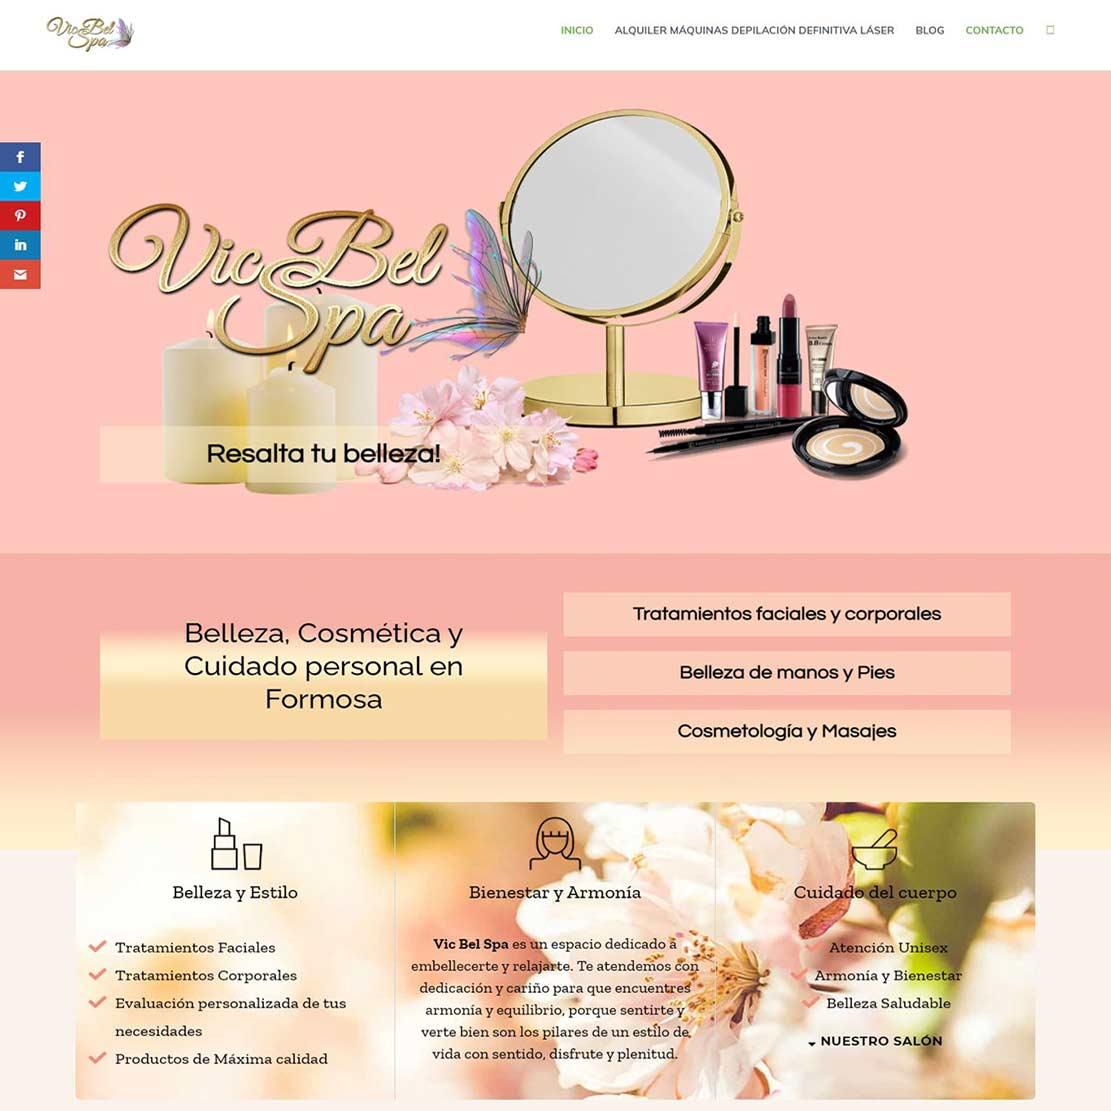 Vic Bel Spa Belleza, Cosmética y Cuidado personal en Formosa